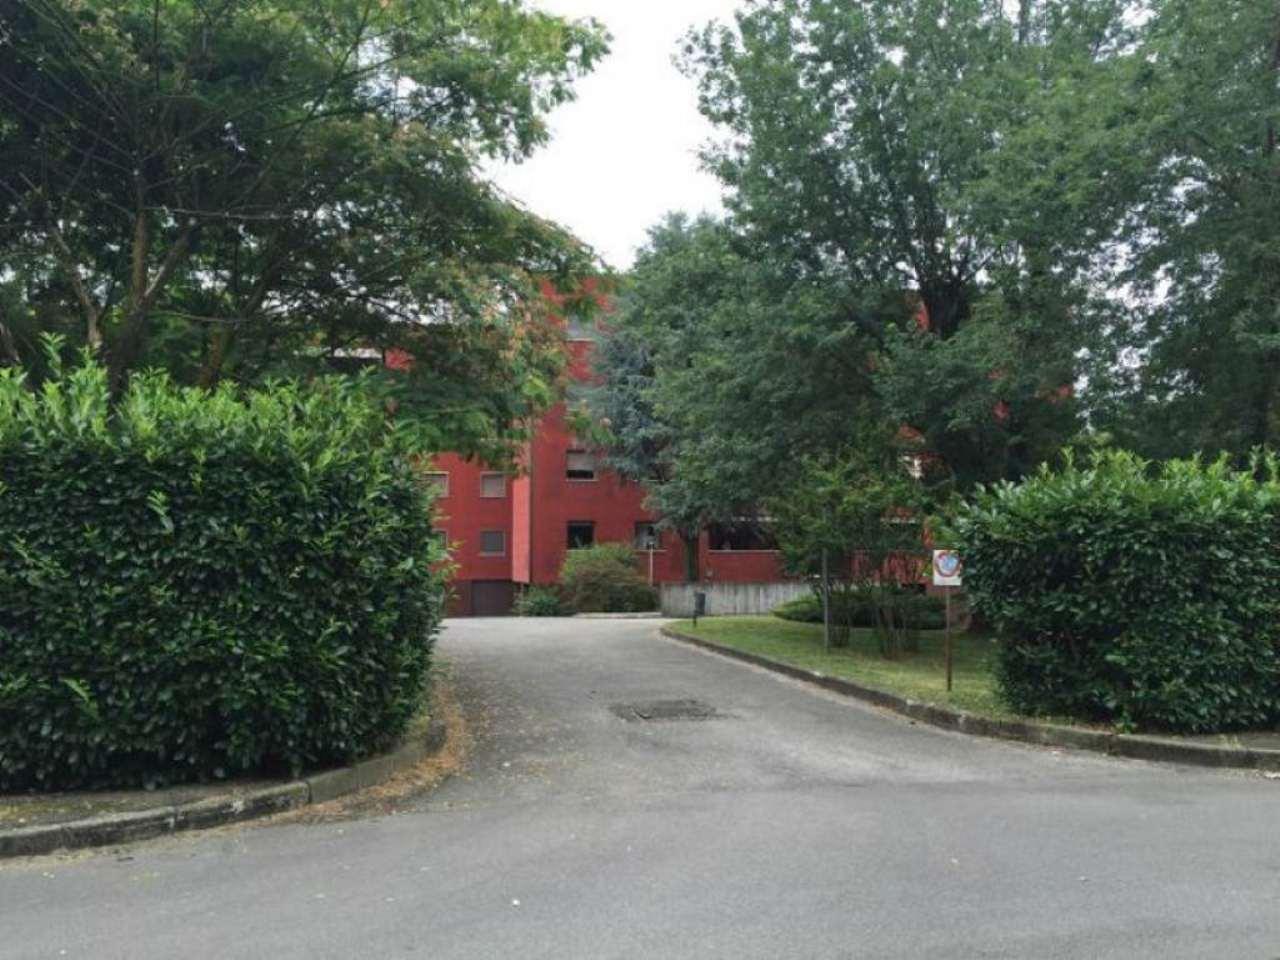 Appartamento in vendita a Lodi Vecchio, 3 locali, prezzo € 110.000 | Cambio Casa.it